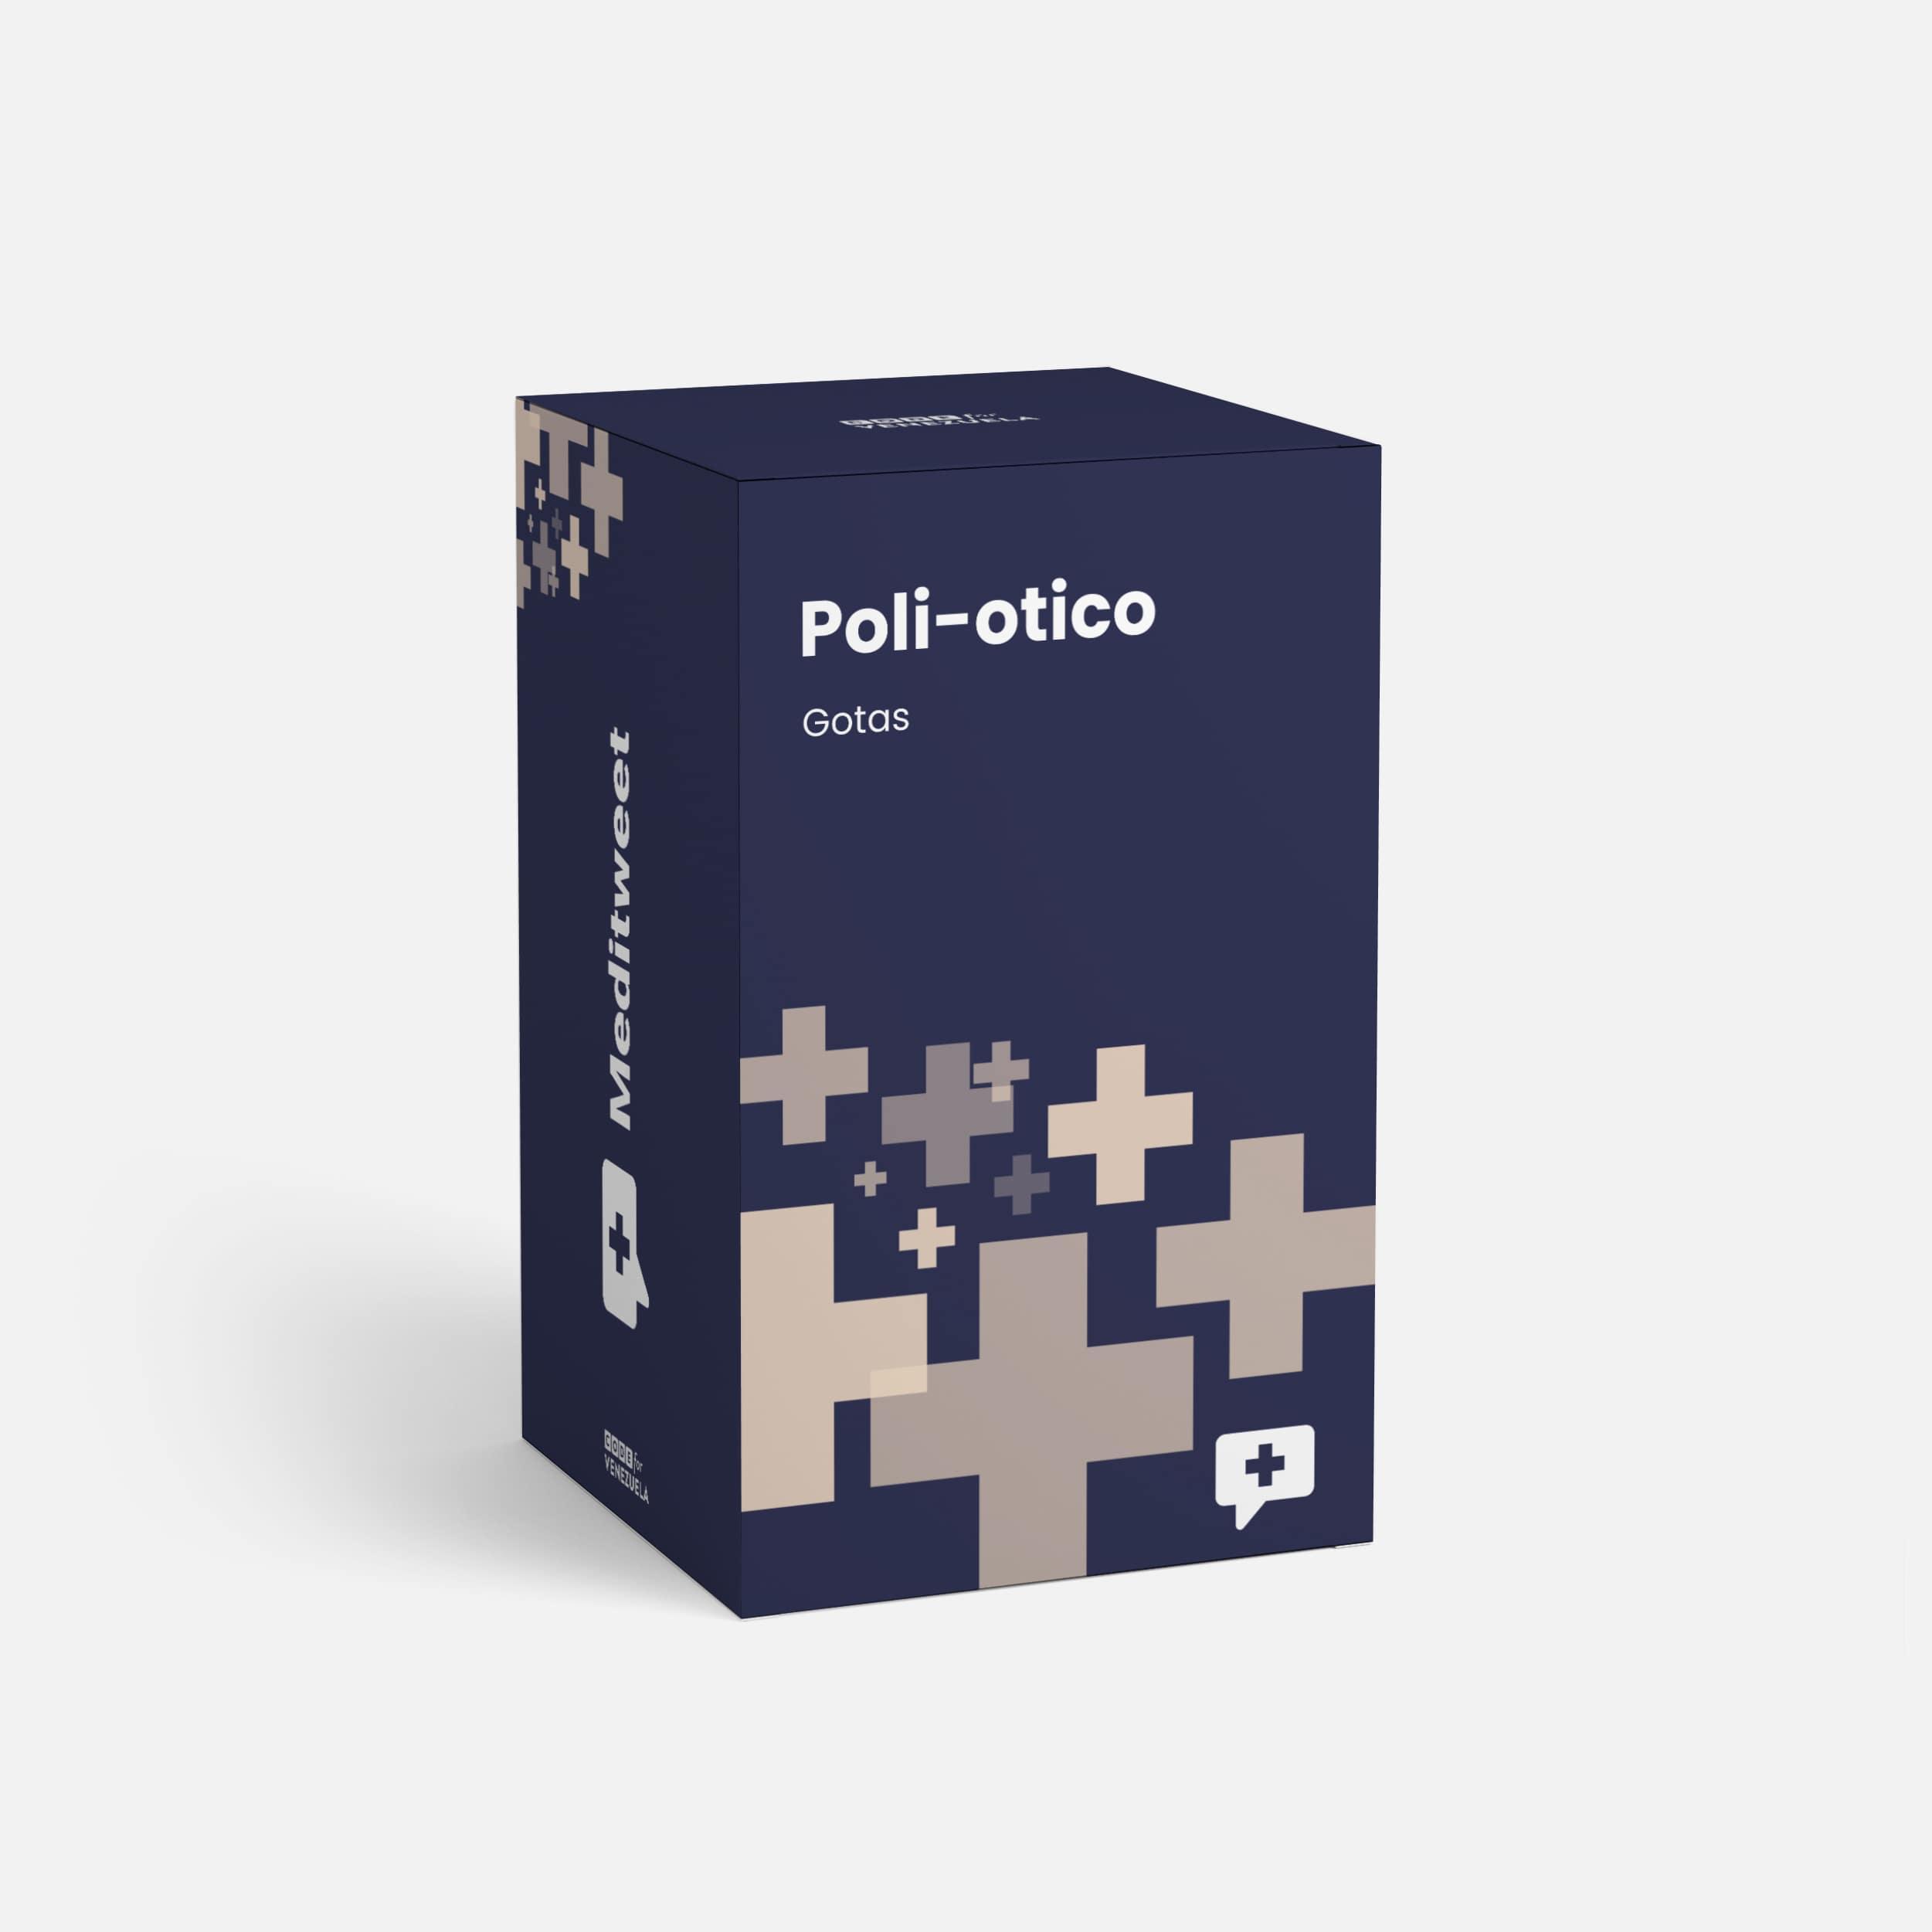 Poli-otico: qué es, para qué sirve y dónde conseguirlo